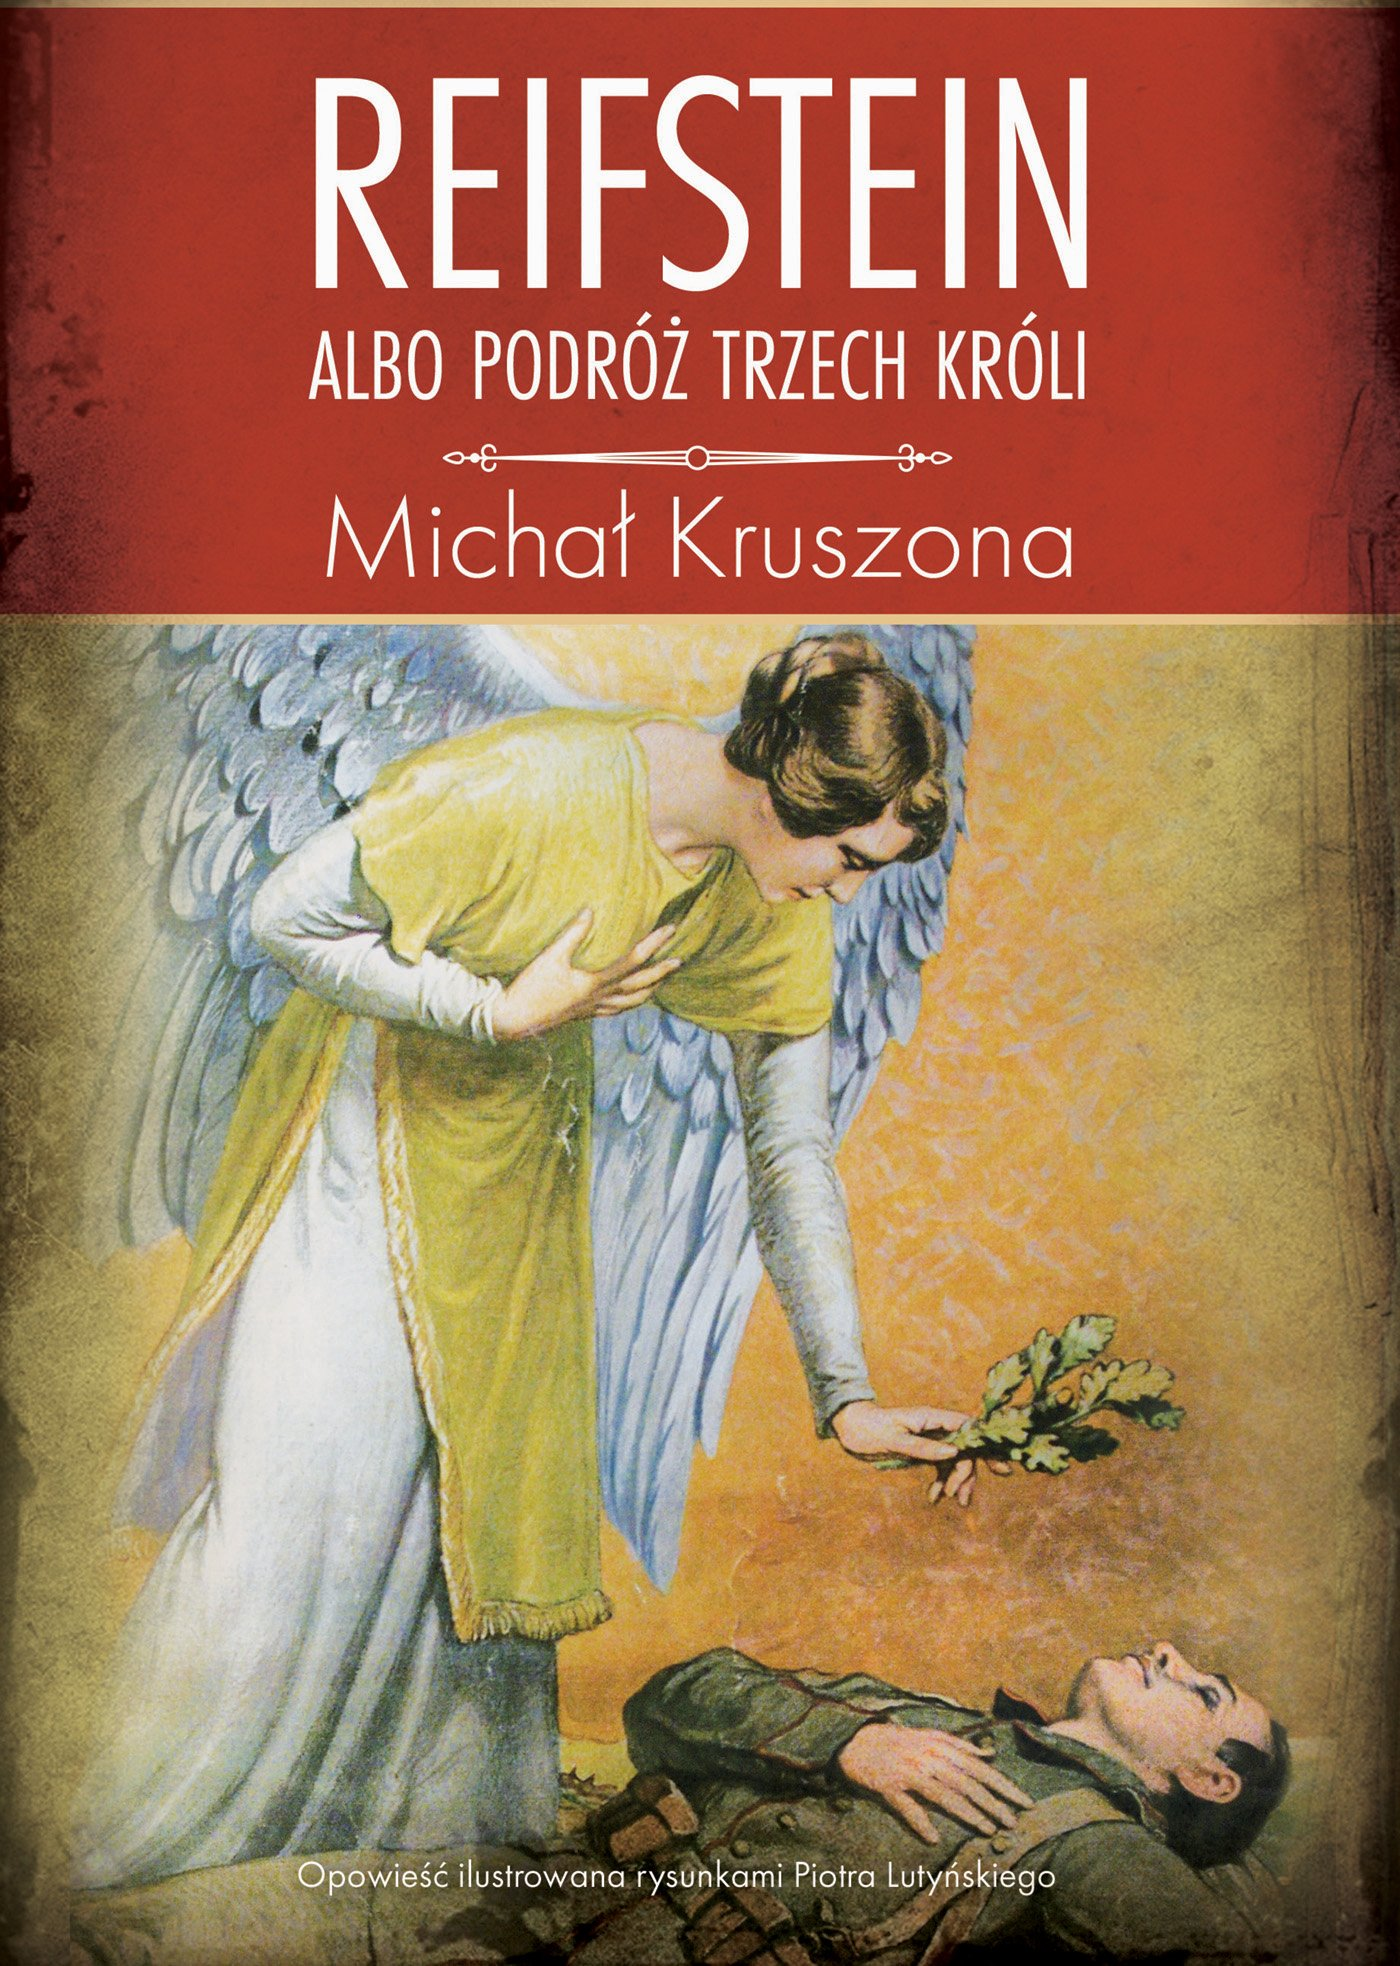 Reifstein albo Podróż Trzech Króli - Ebook (Książka na Kindle) do pobrania w formacie MOBI